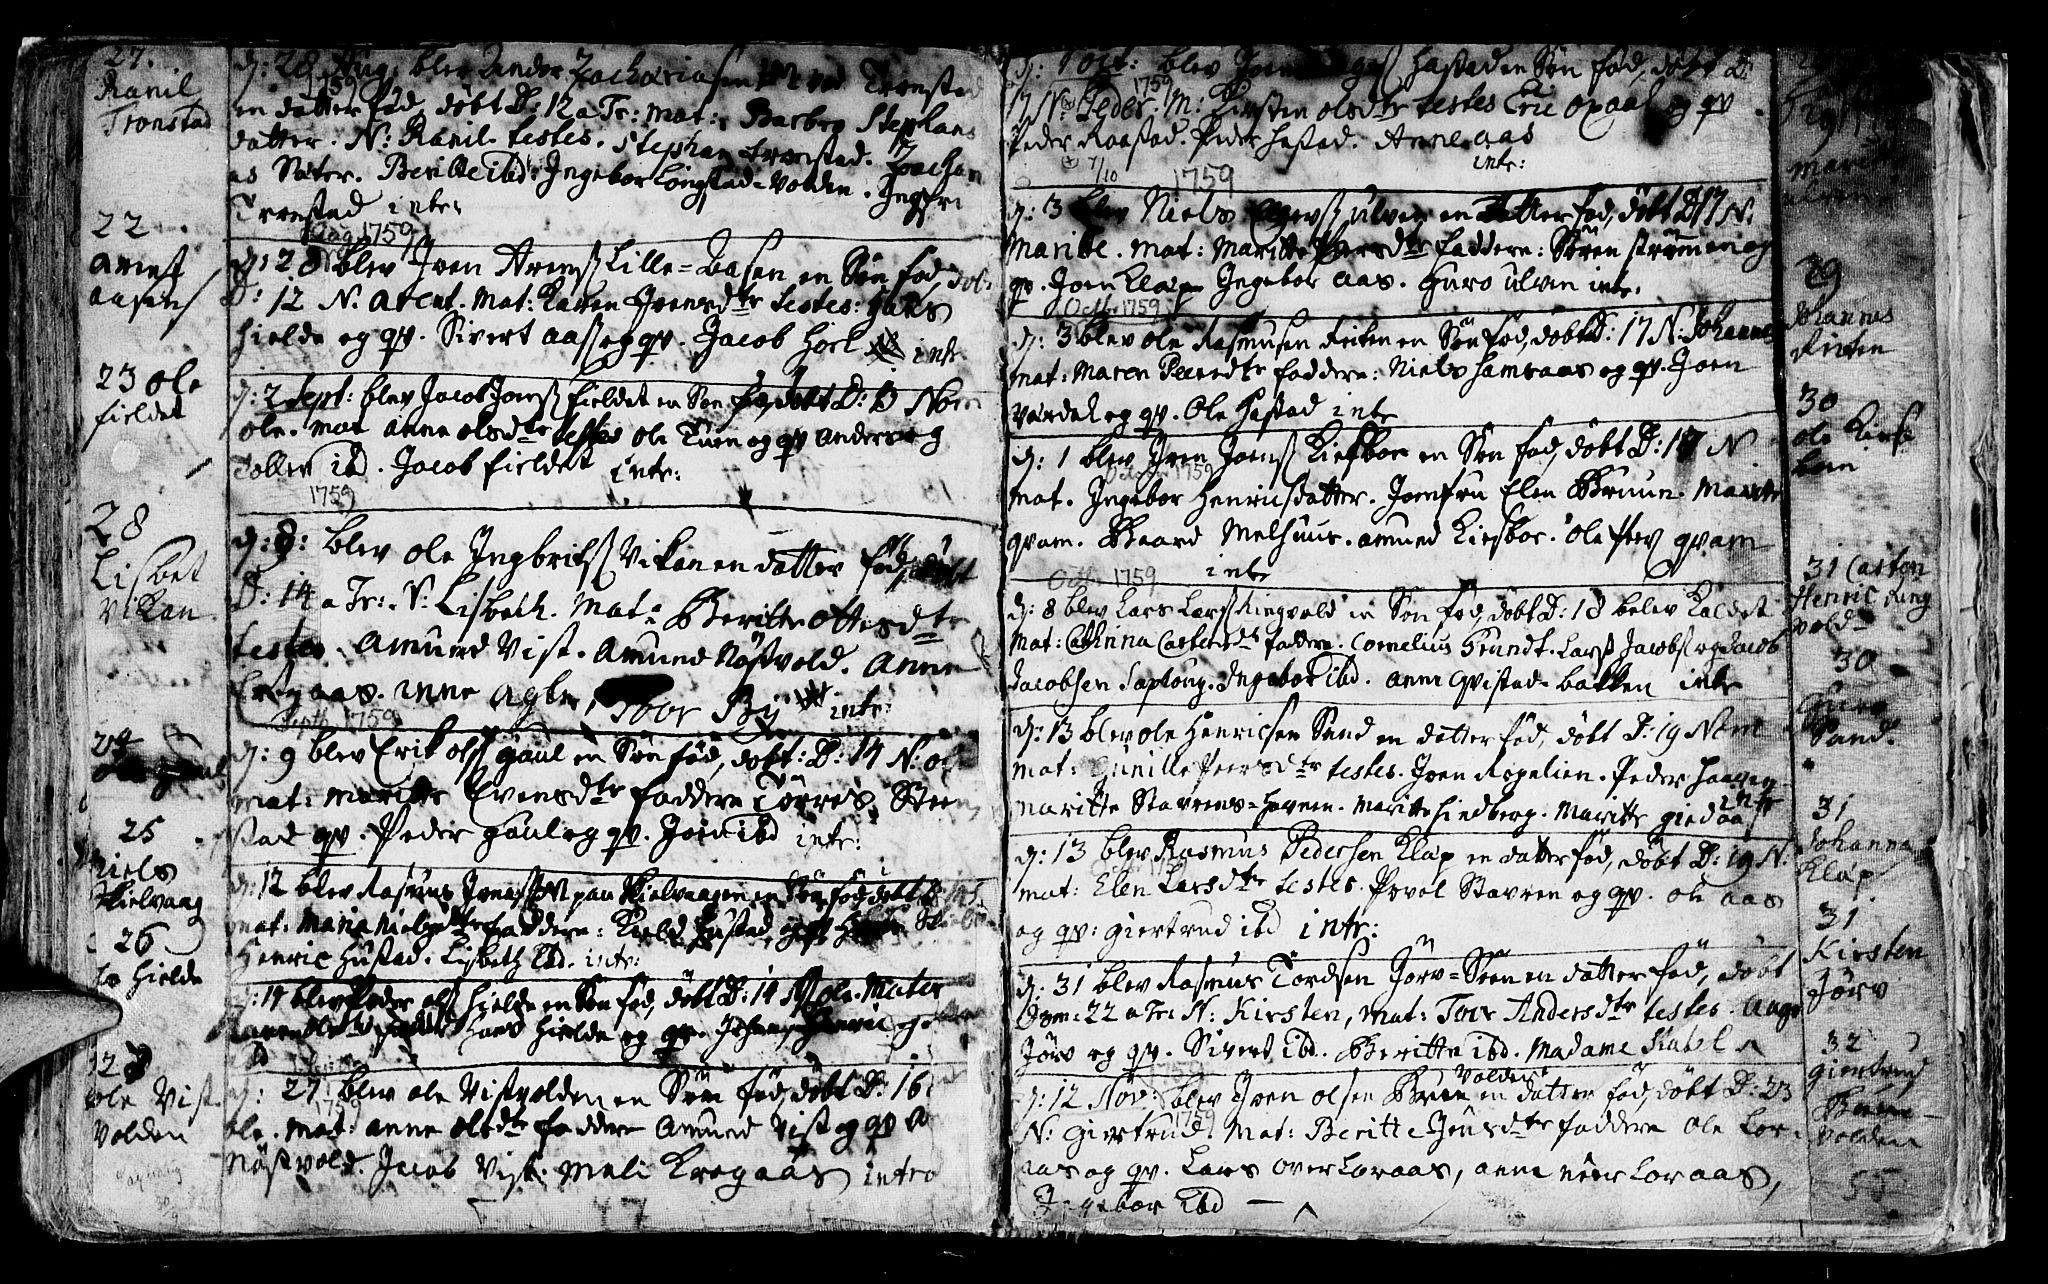 SAT, Ministerialprotokoller, klokkerbøker og fødselsregistre - Nord-Trøndelag, 730/L0272: Parish register (official) no. 730A01, 1733-1764, p. 139